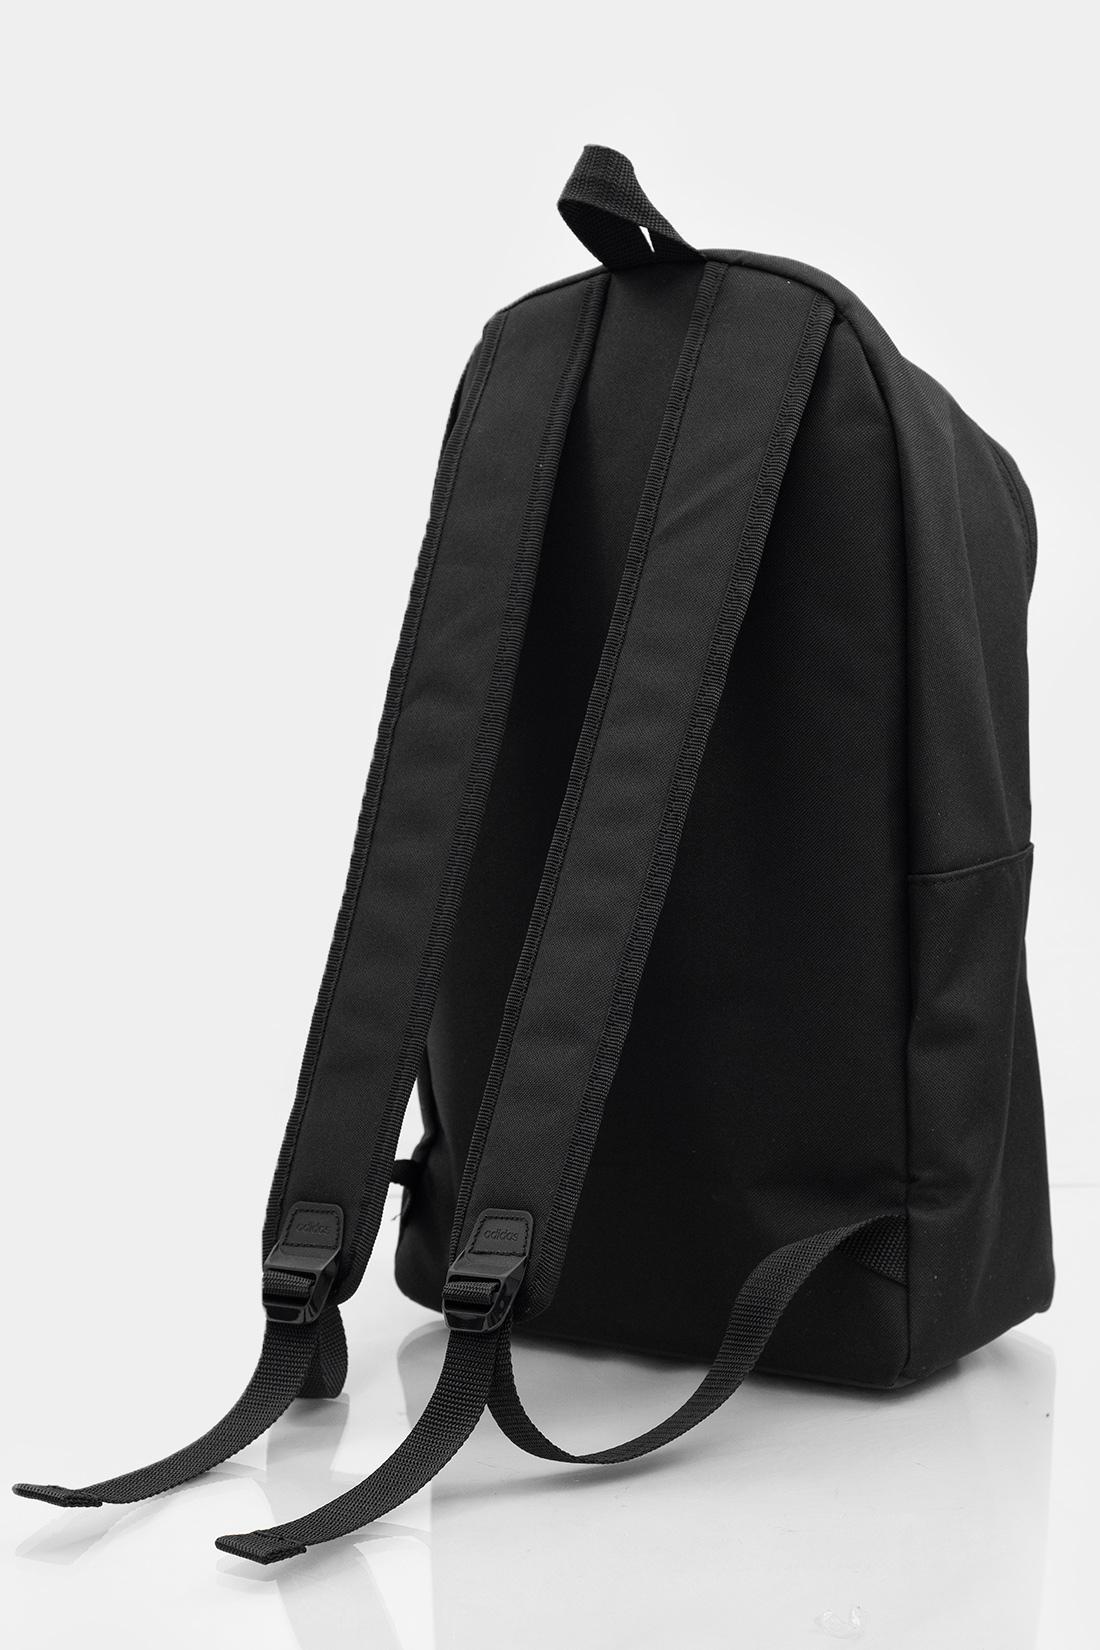 Mochila Adidas Classica Linear